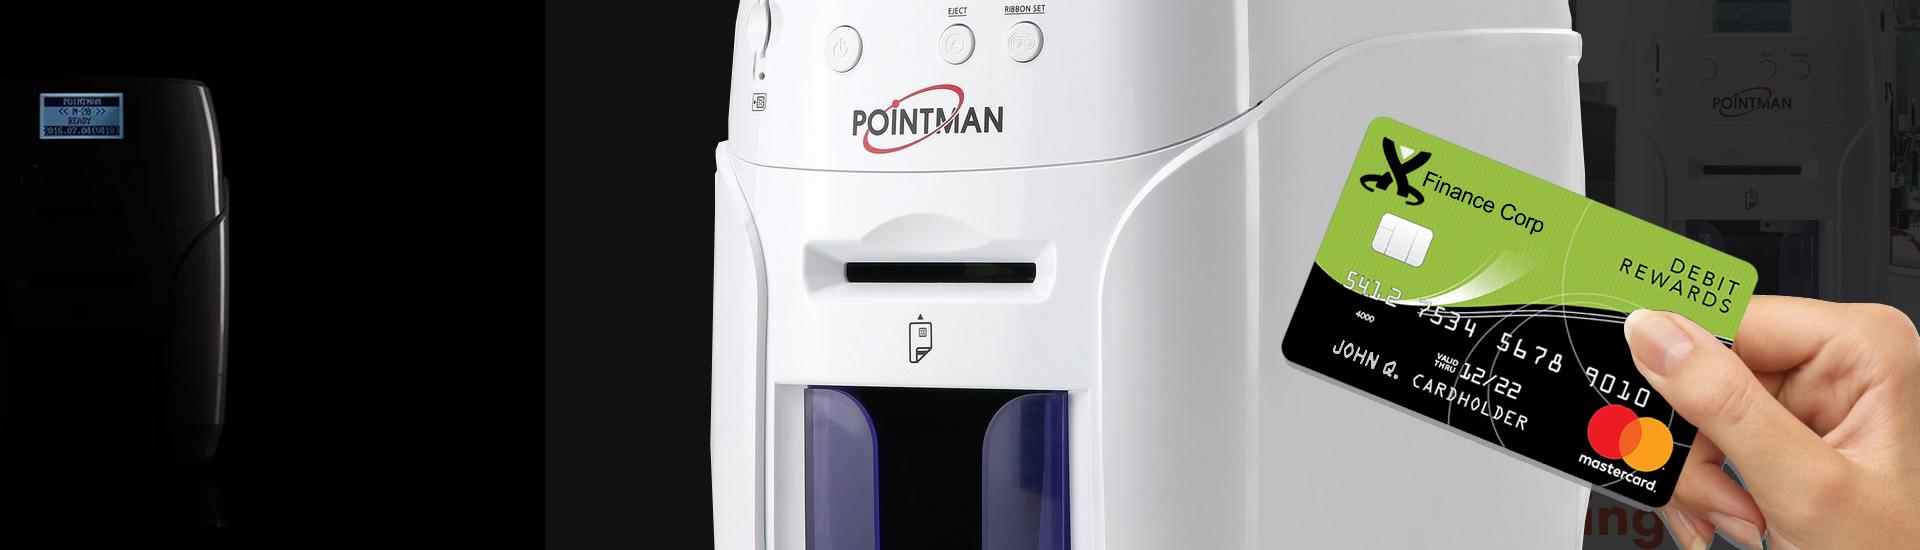 Pointman Nuvia Card Printers